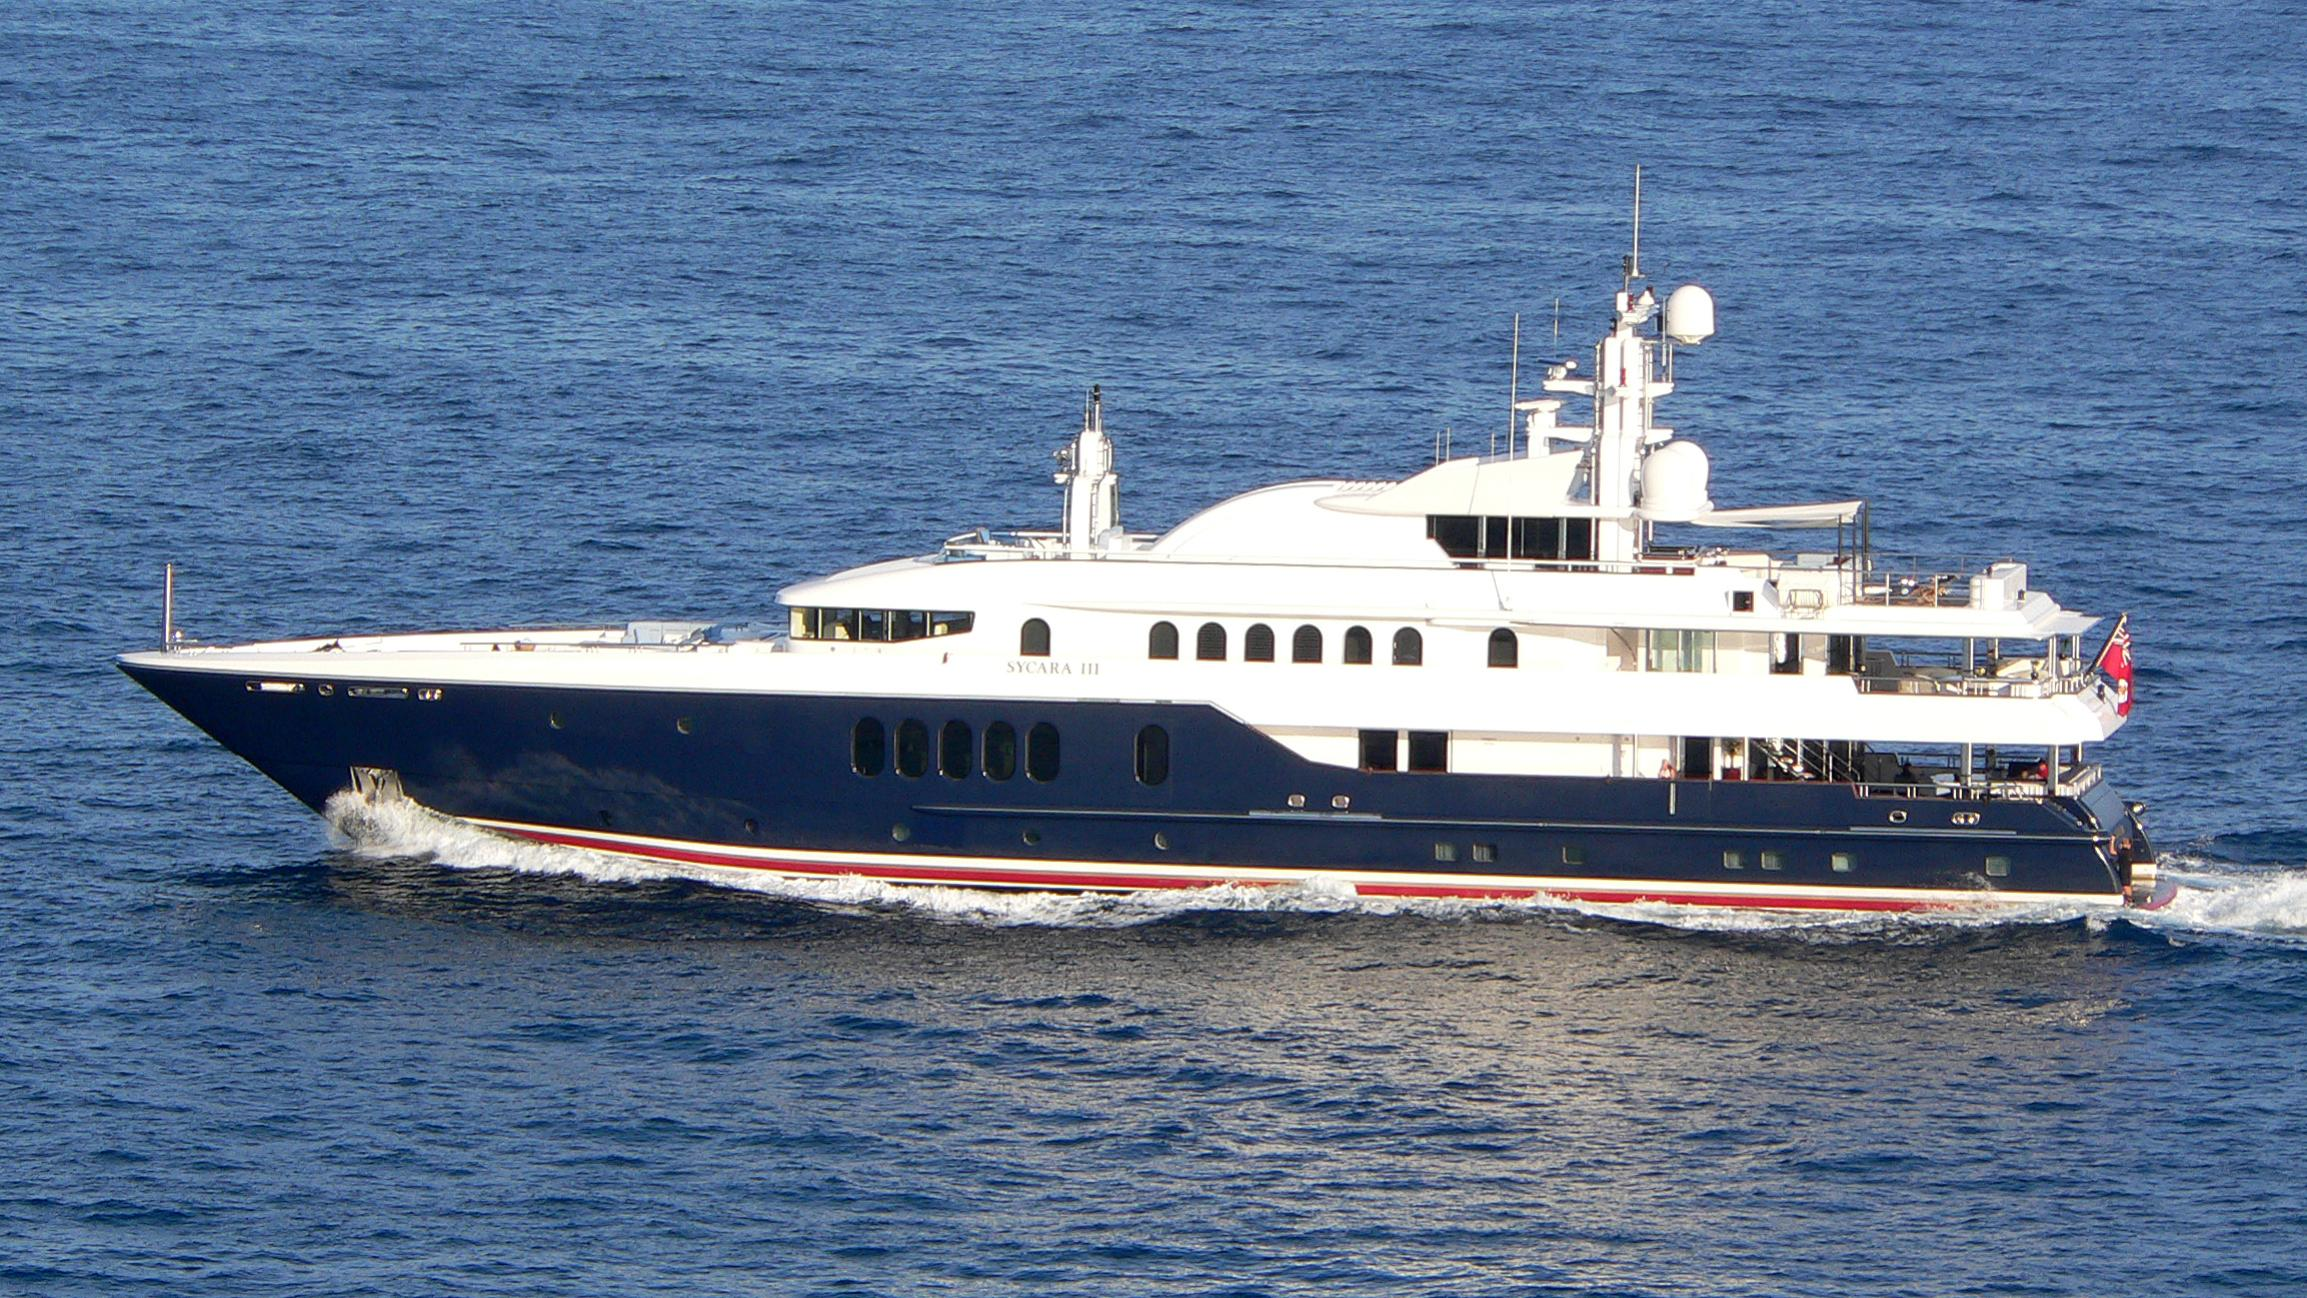 sirona-iii-yacht-exterior